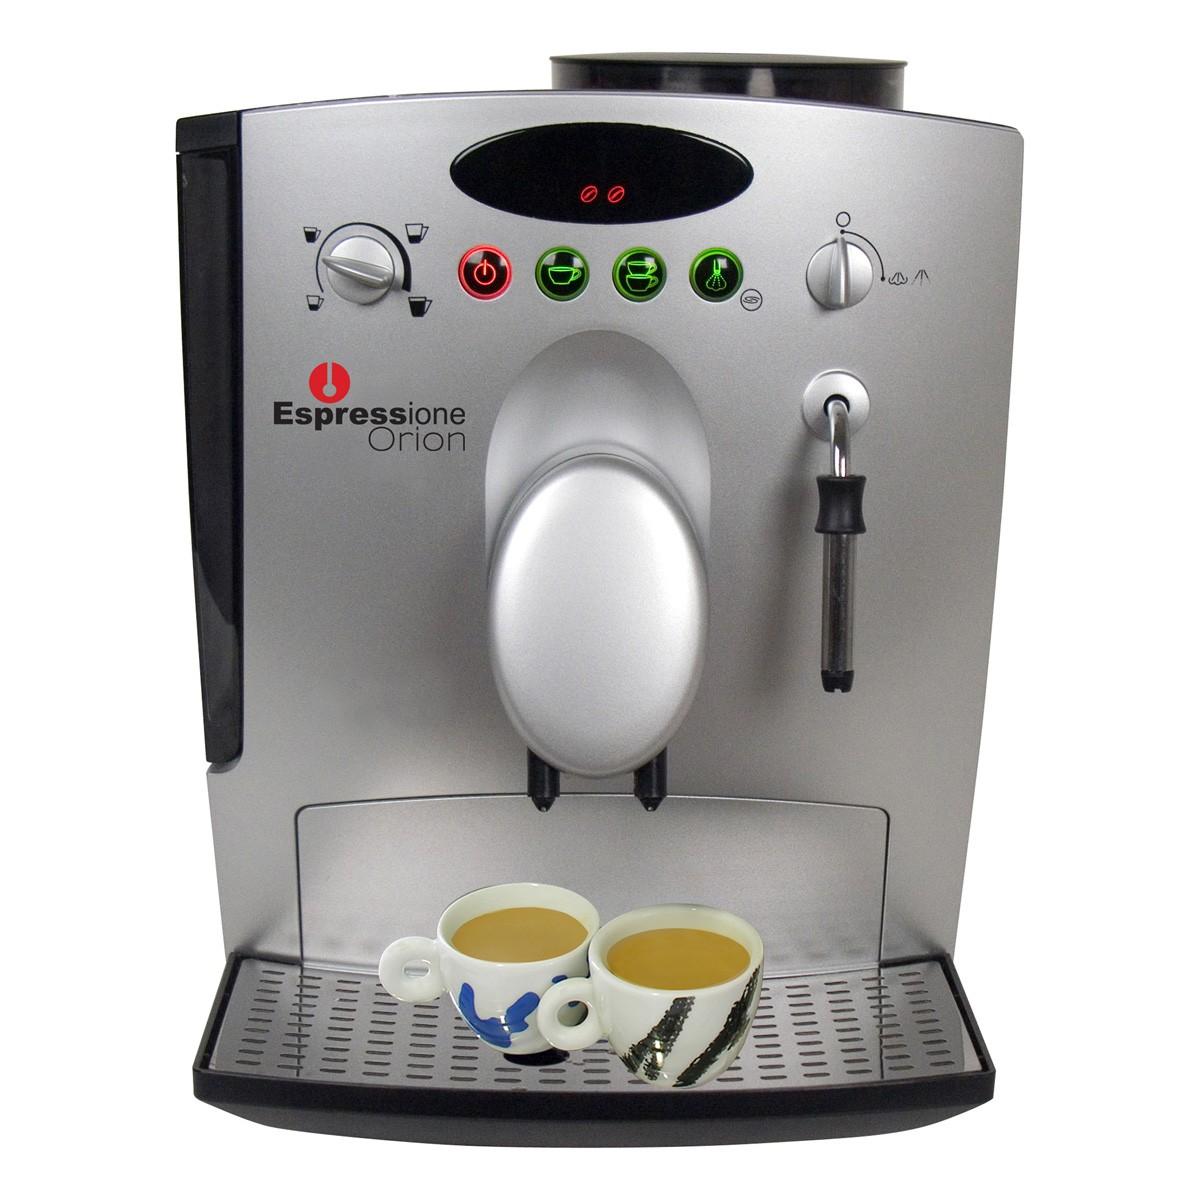 Cafeteira Expresso Automática Orion Espressione 601